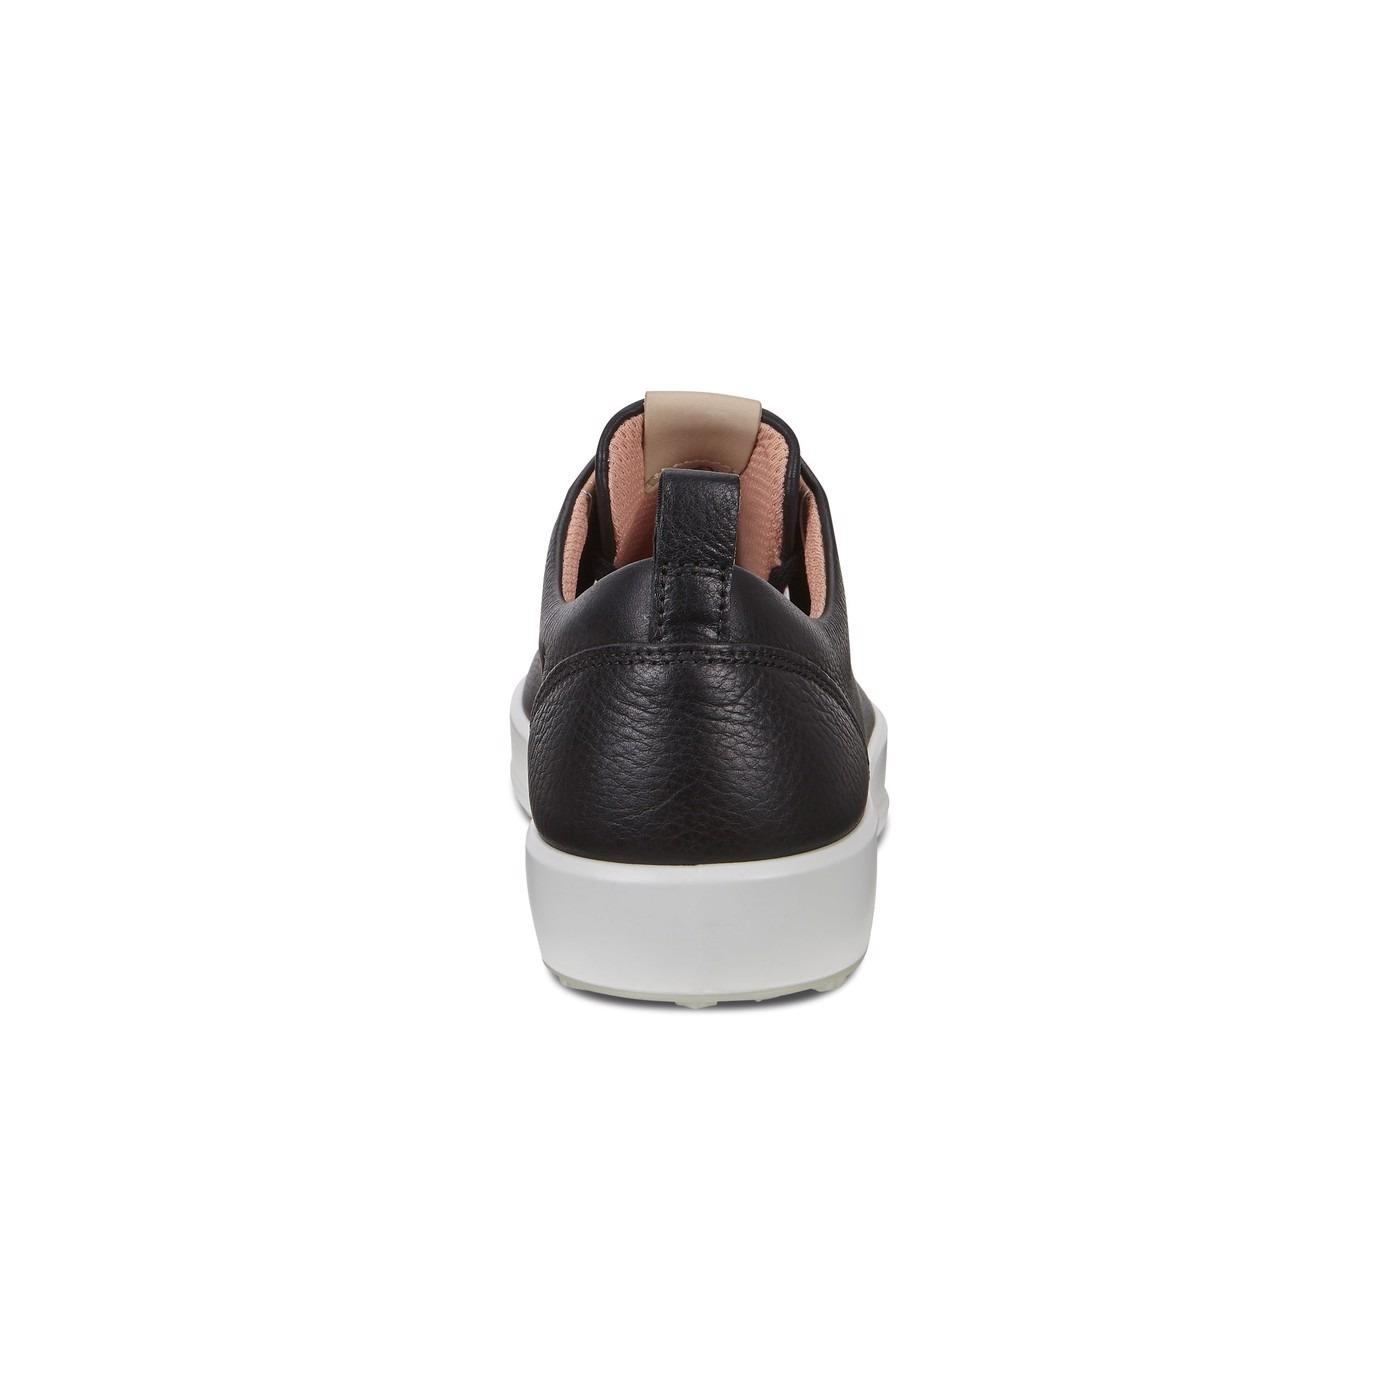 Giày golf ECCO Soft nữ đế cực mềm